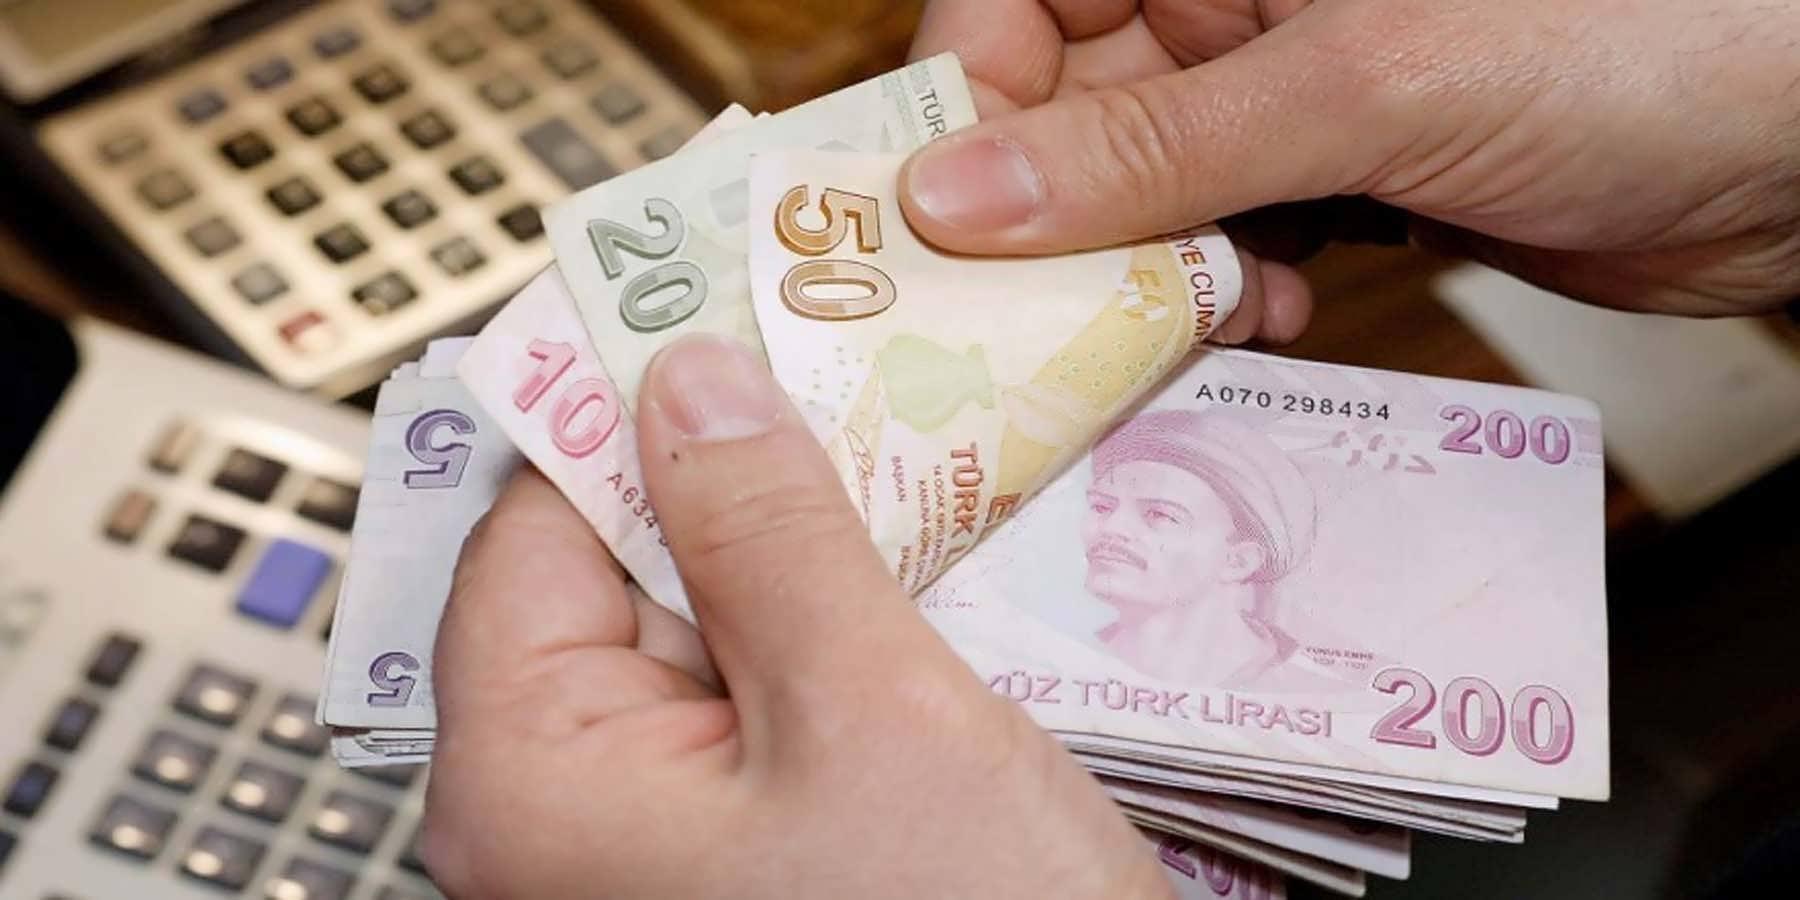 Bedelli Askerlik Kredisi Çekenler Ne Kadar Geri Ödeyecek?